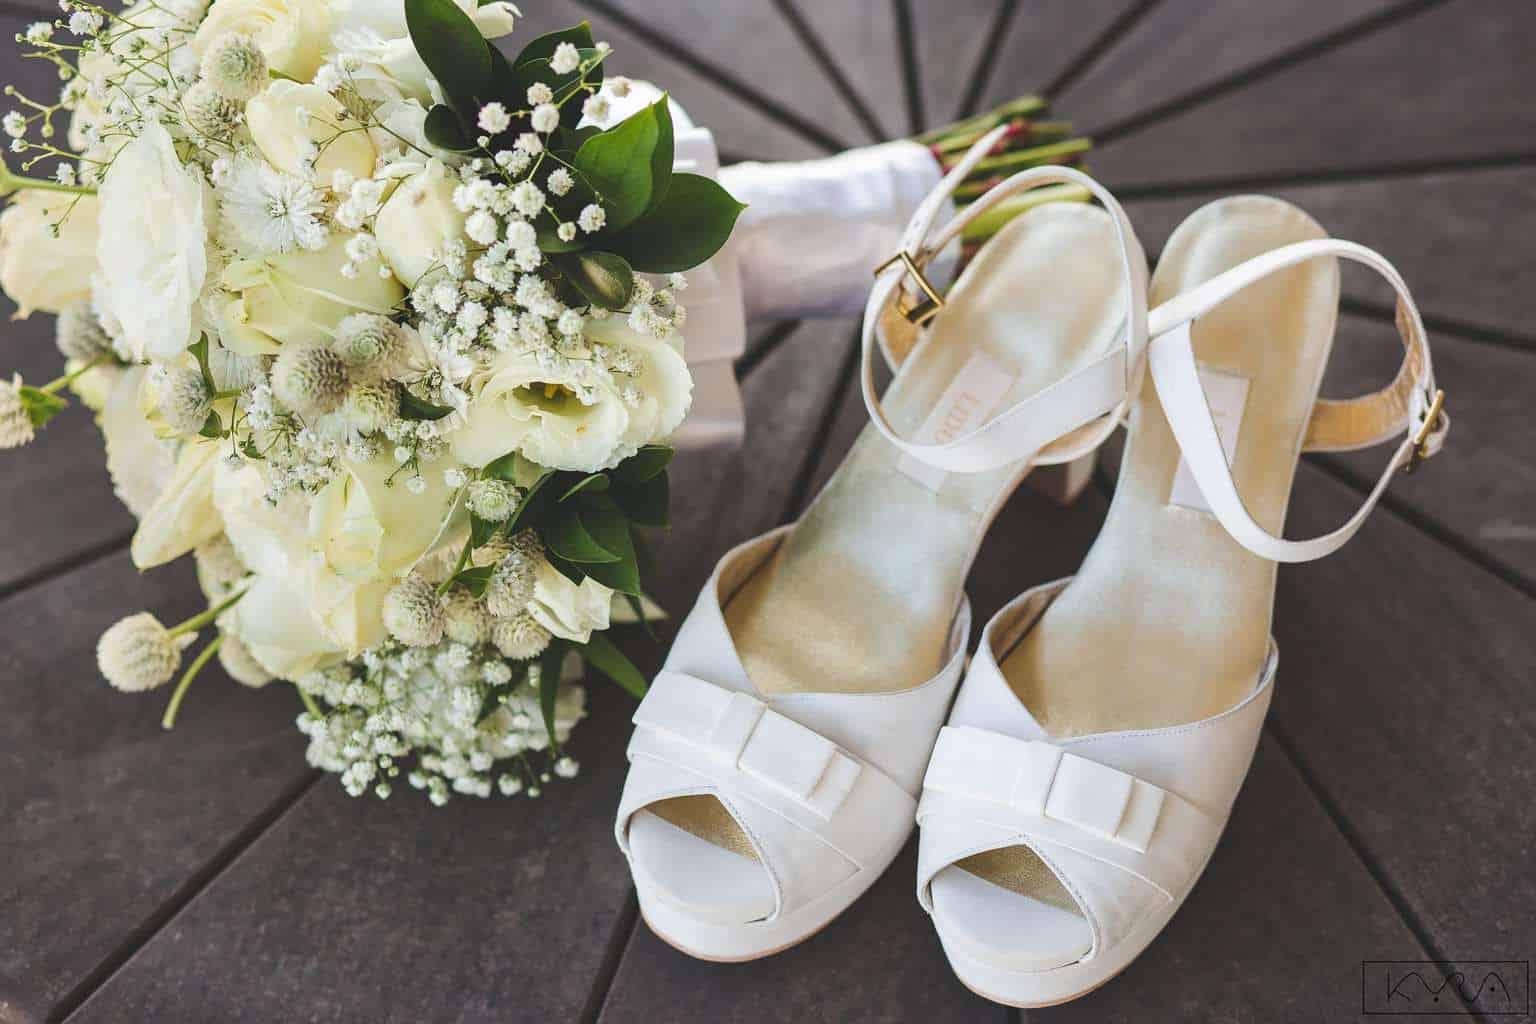 acessórios-ana-carolina-e-bernardo-Anna-Carolina-Werneck-beleza-da-noiva-buquê-casamento-tradicional-Gavea-Golf-Club-Kyra-Mirsky-making-of-mini-wedding-sapatos-verde-e-rosa-casamento-5